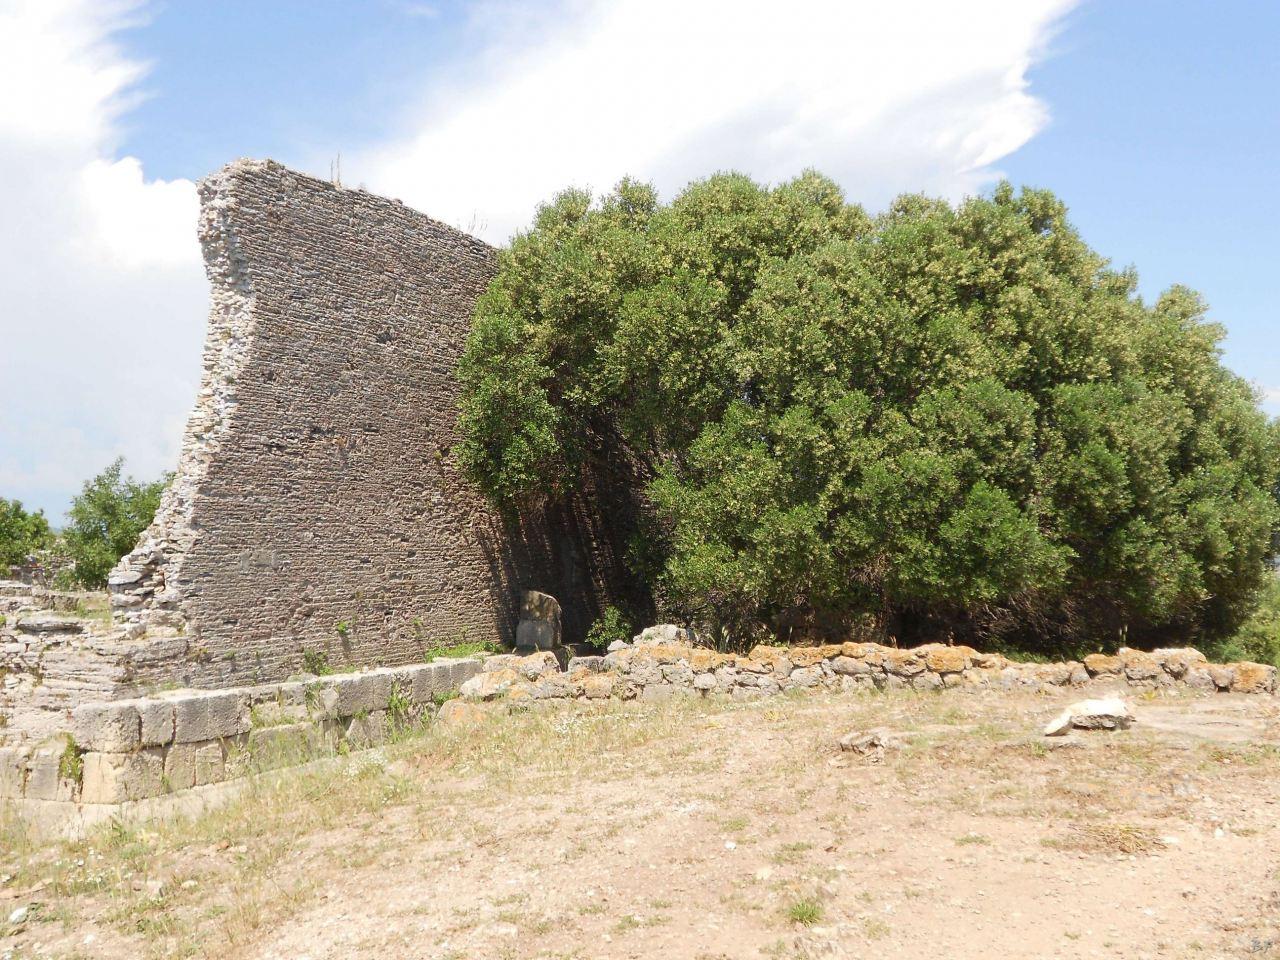 Cosa-Mura-Megalitiche-Ansedonia-Grosseto-Toscana-Italia-37